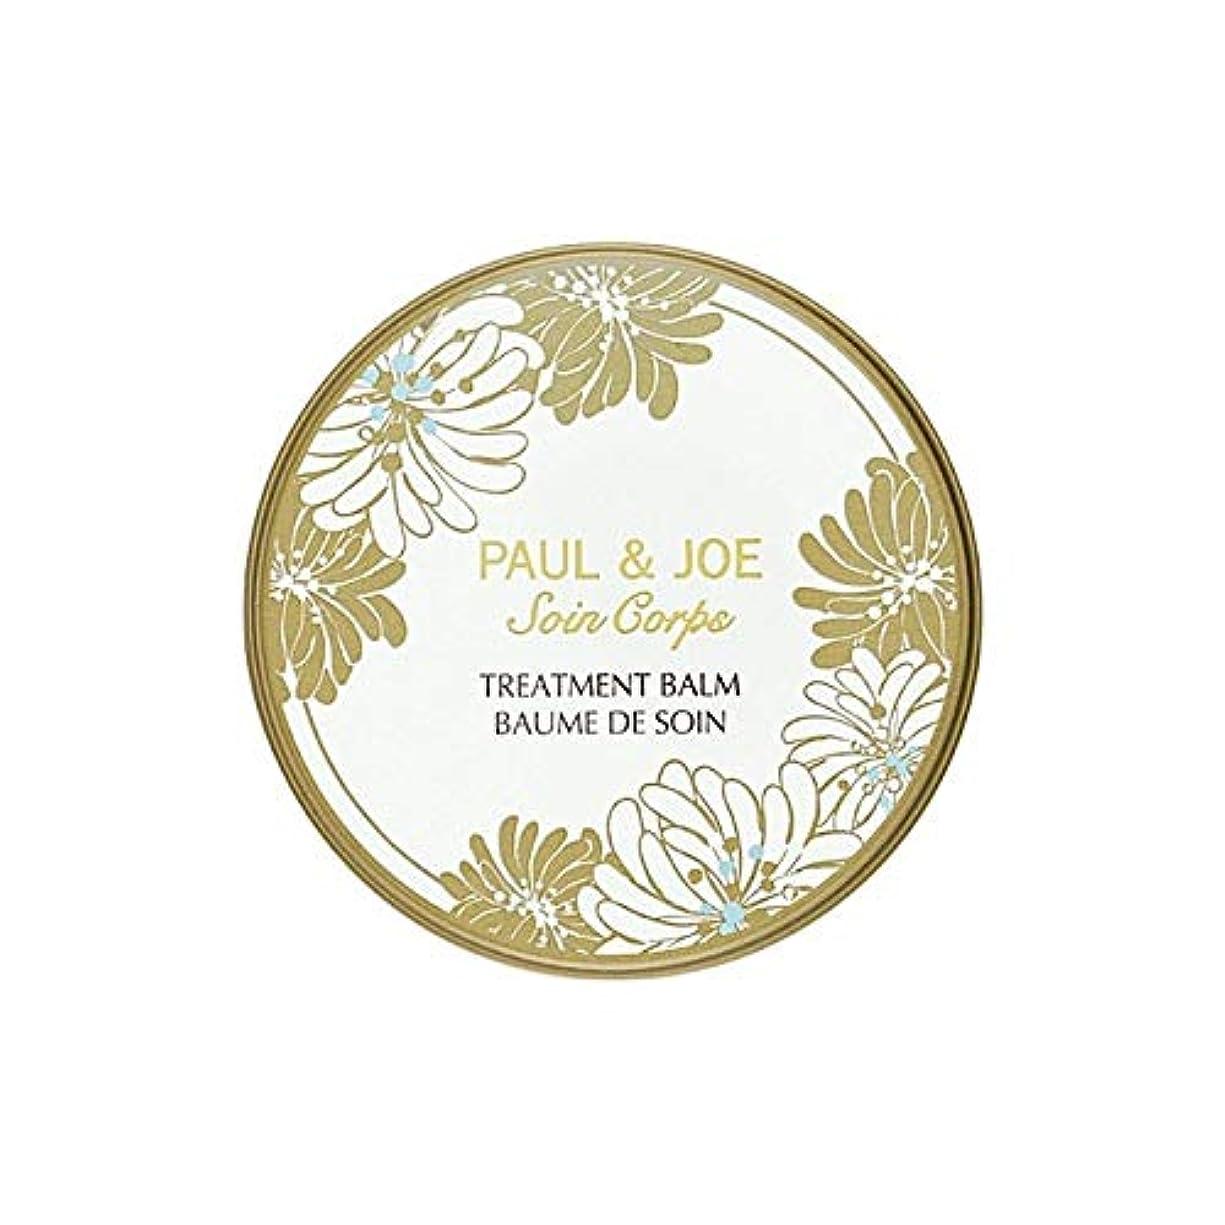 デコードする操作可能報酬の[Paul & Joe ] ポール&ジョートリートメントバーム - Paul & Joe Treatment Balm [並行輸入品]